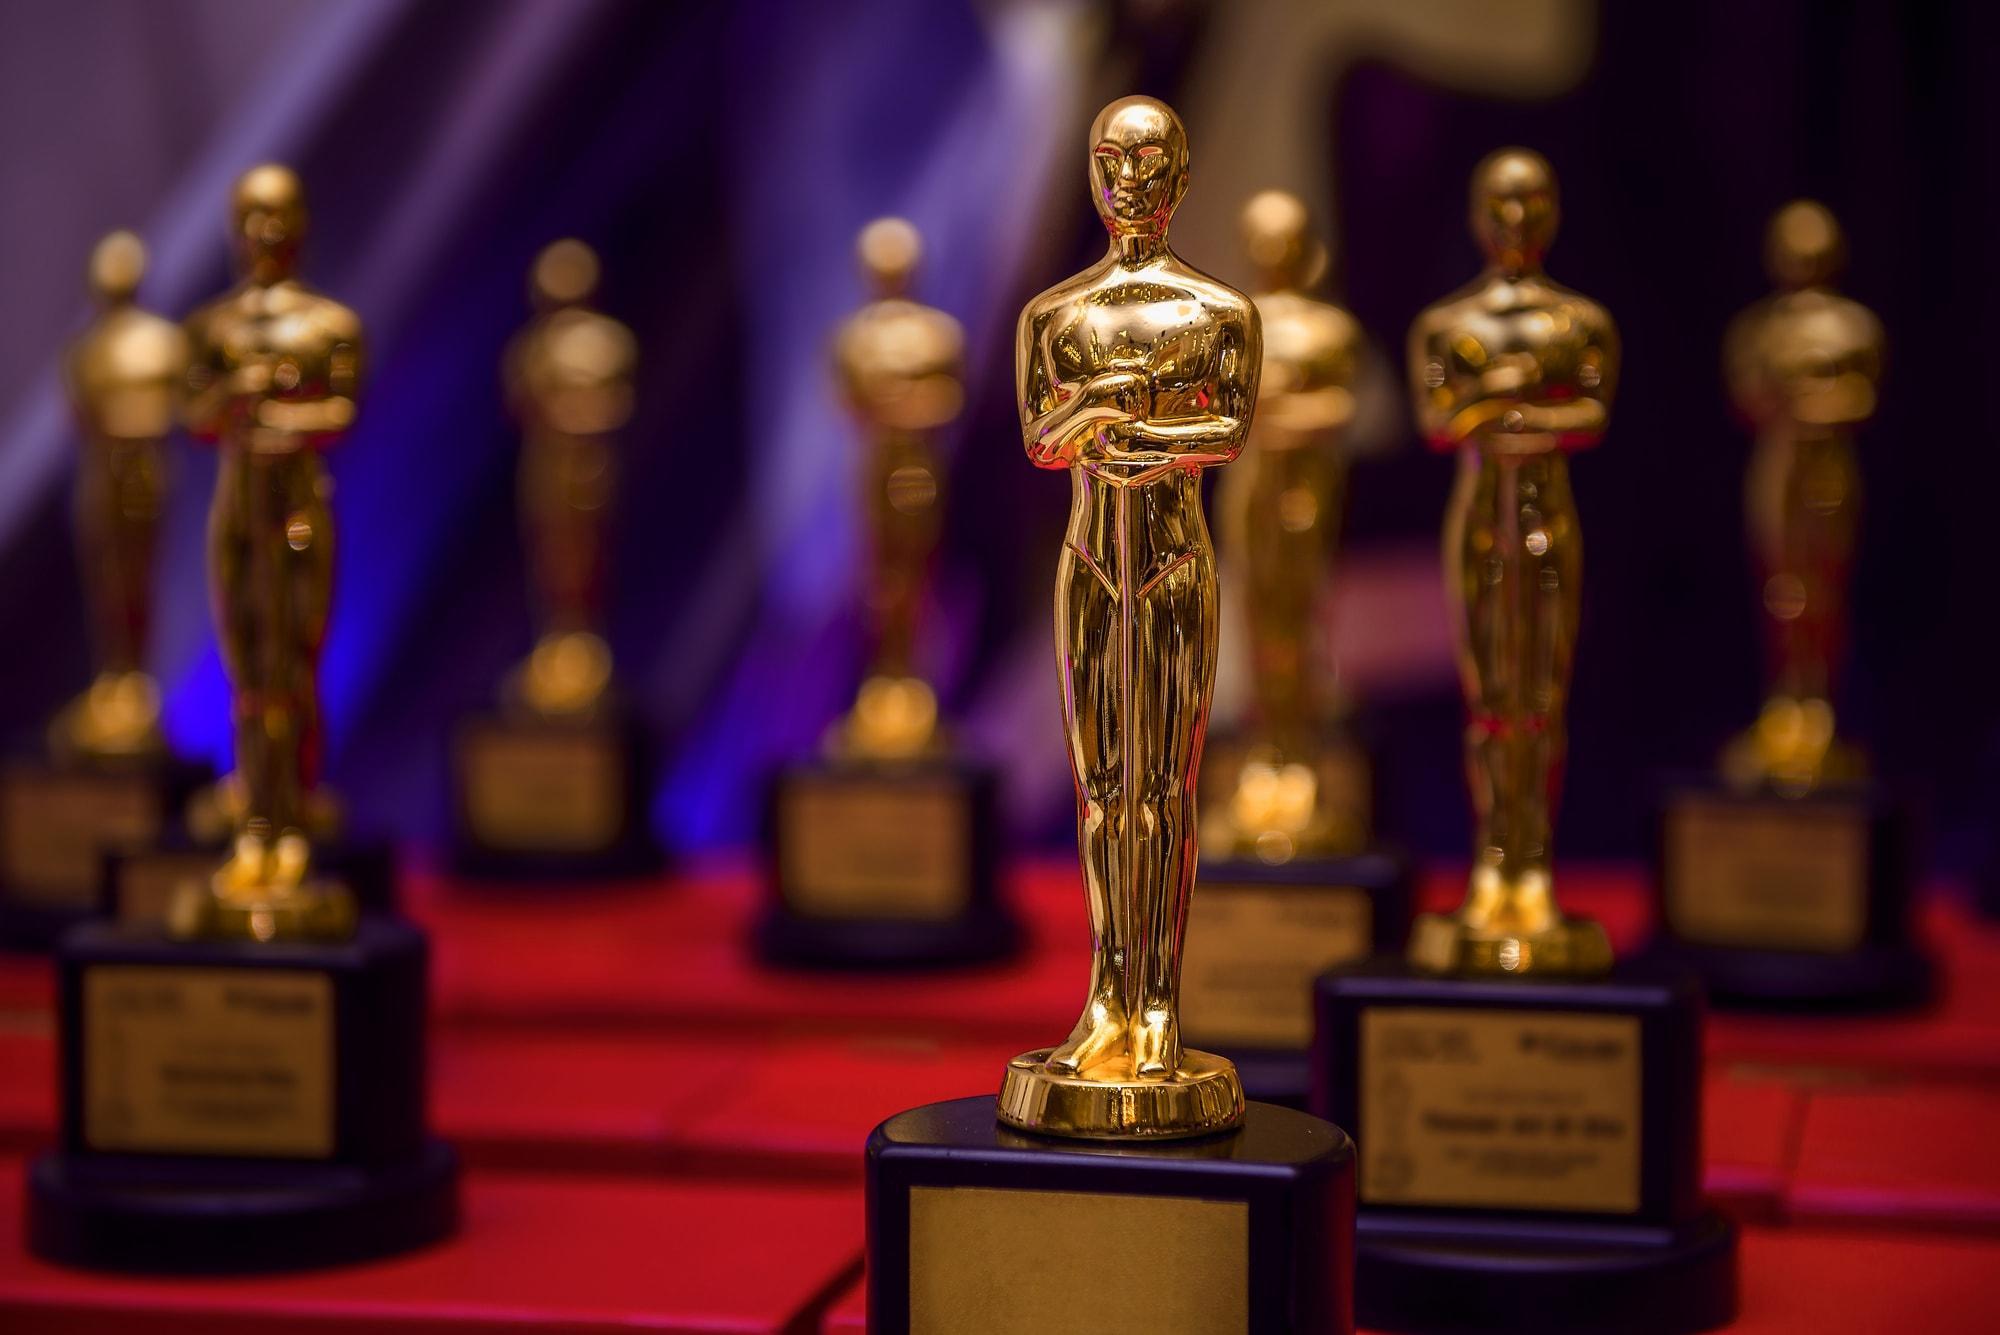 Объявлены новые правила вручения премии «Оскар» для категории «Лучший фильм»